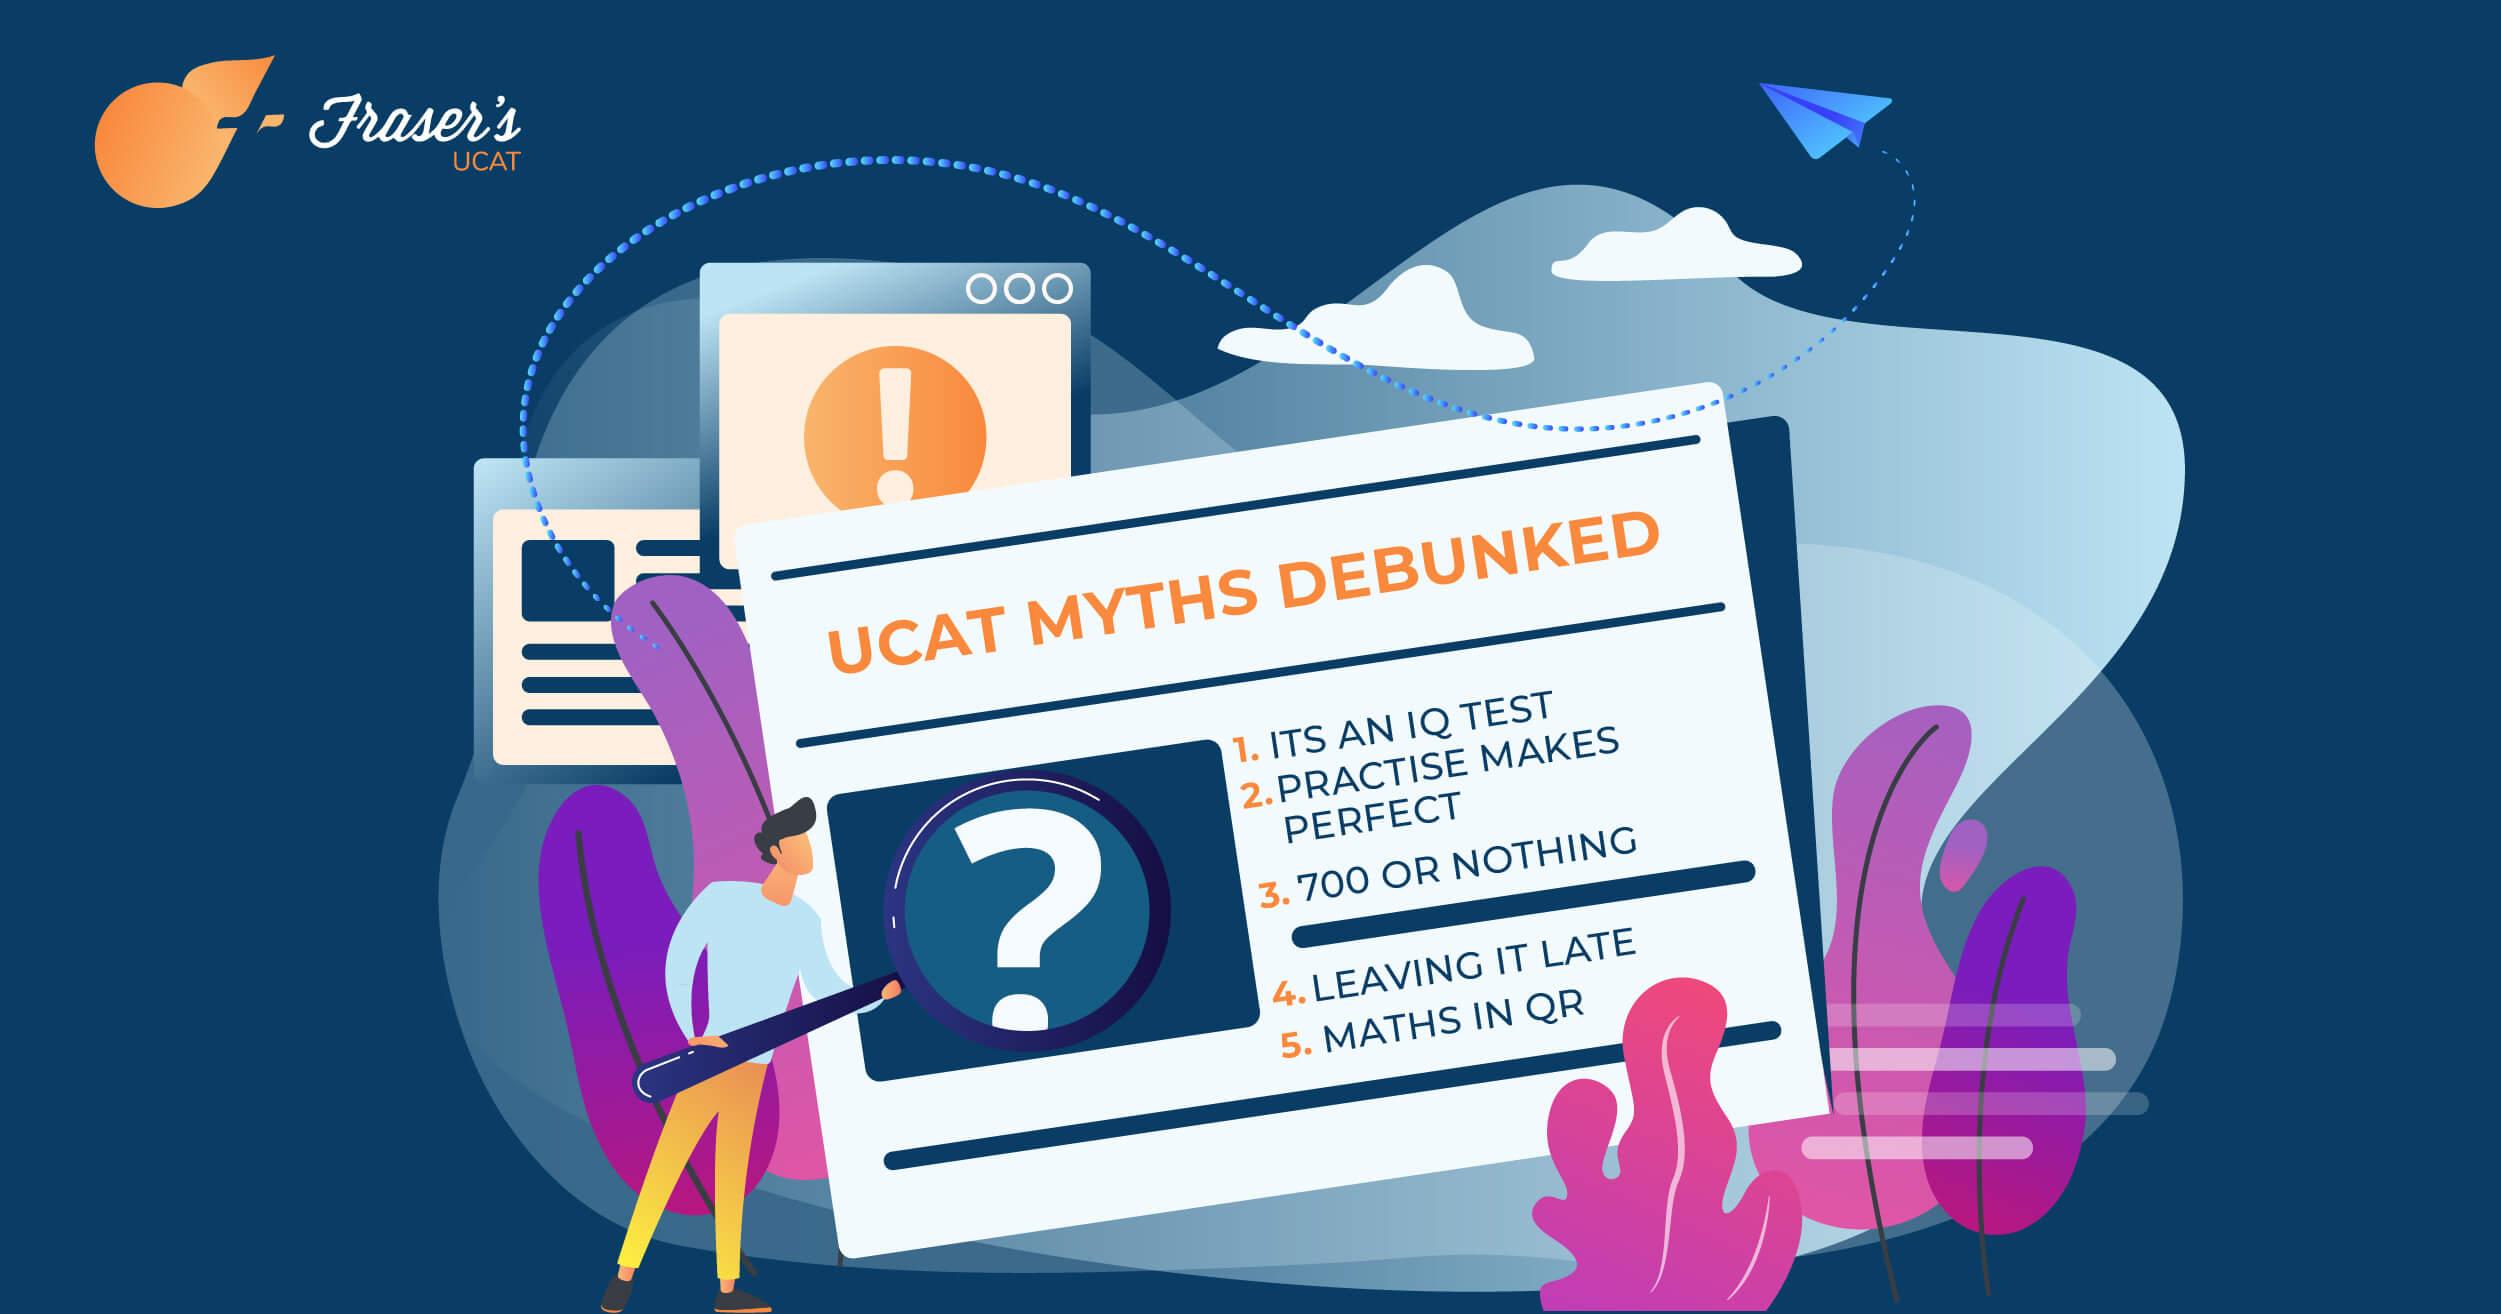 ucat myths debunked (ucat tips)